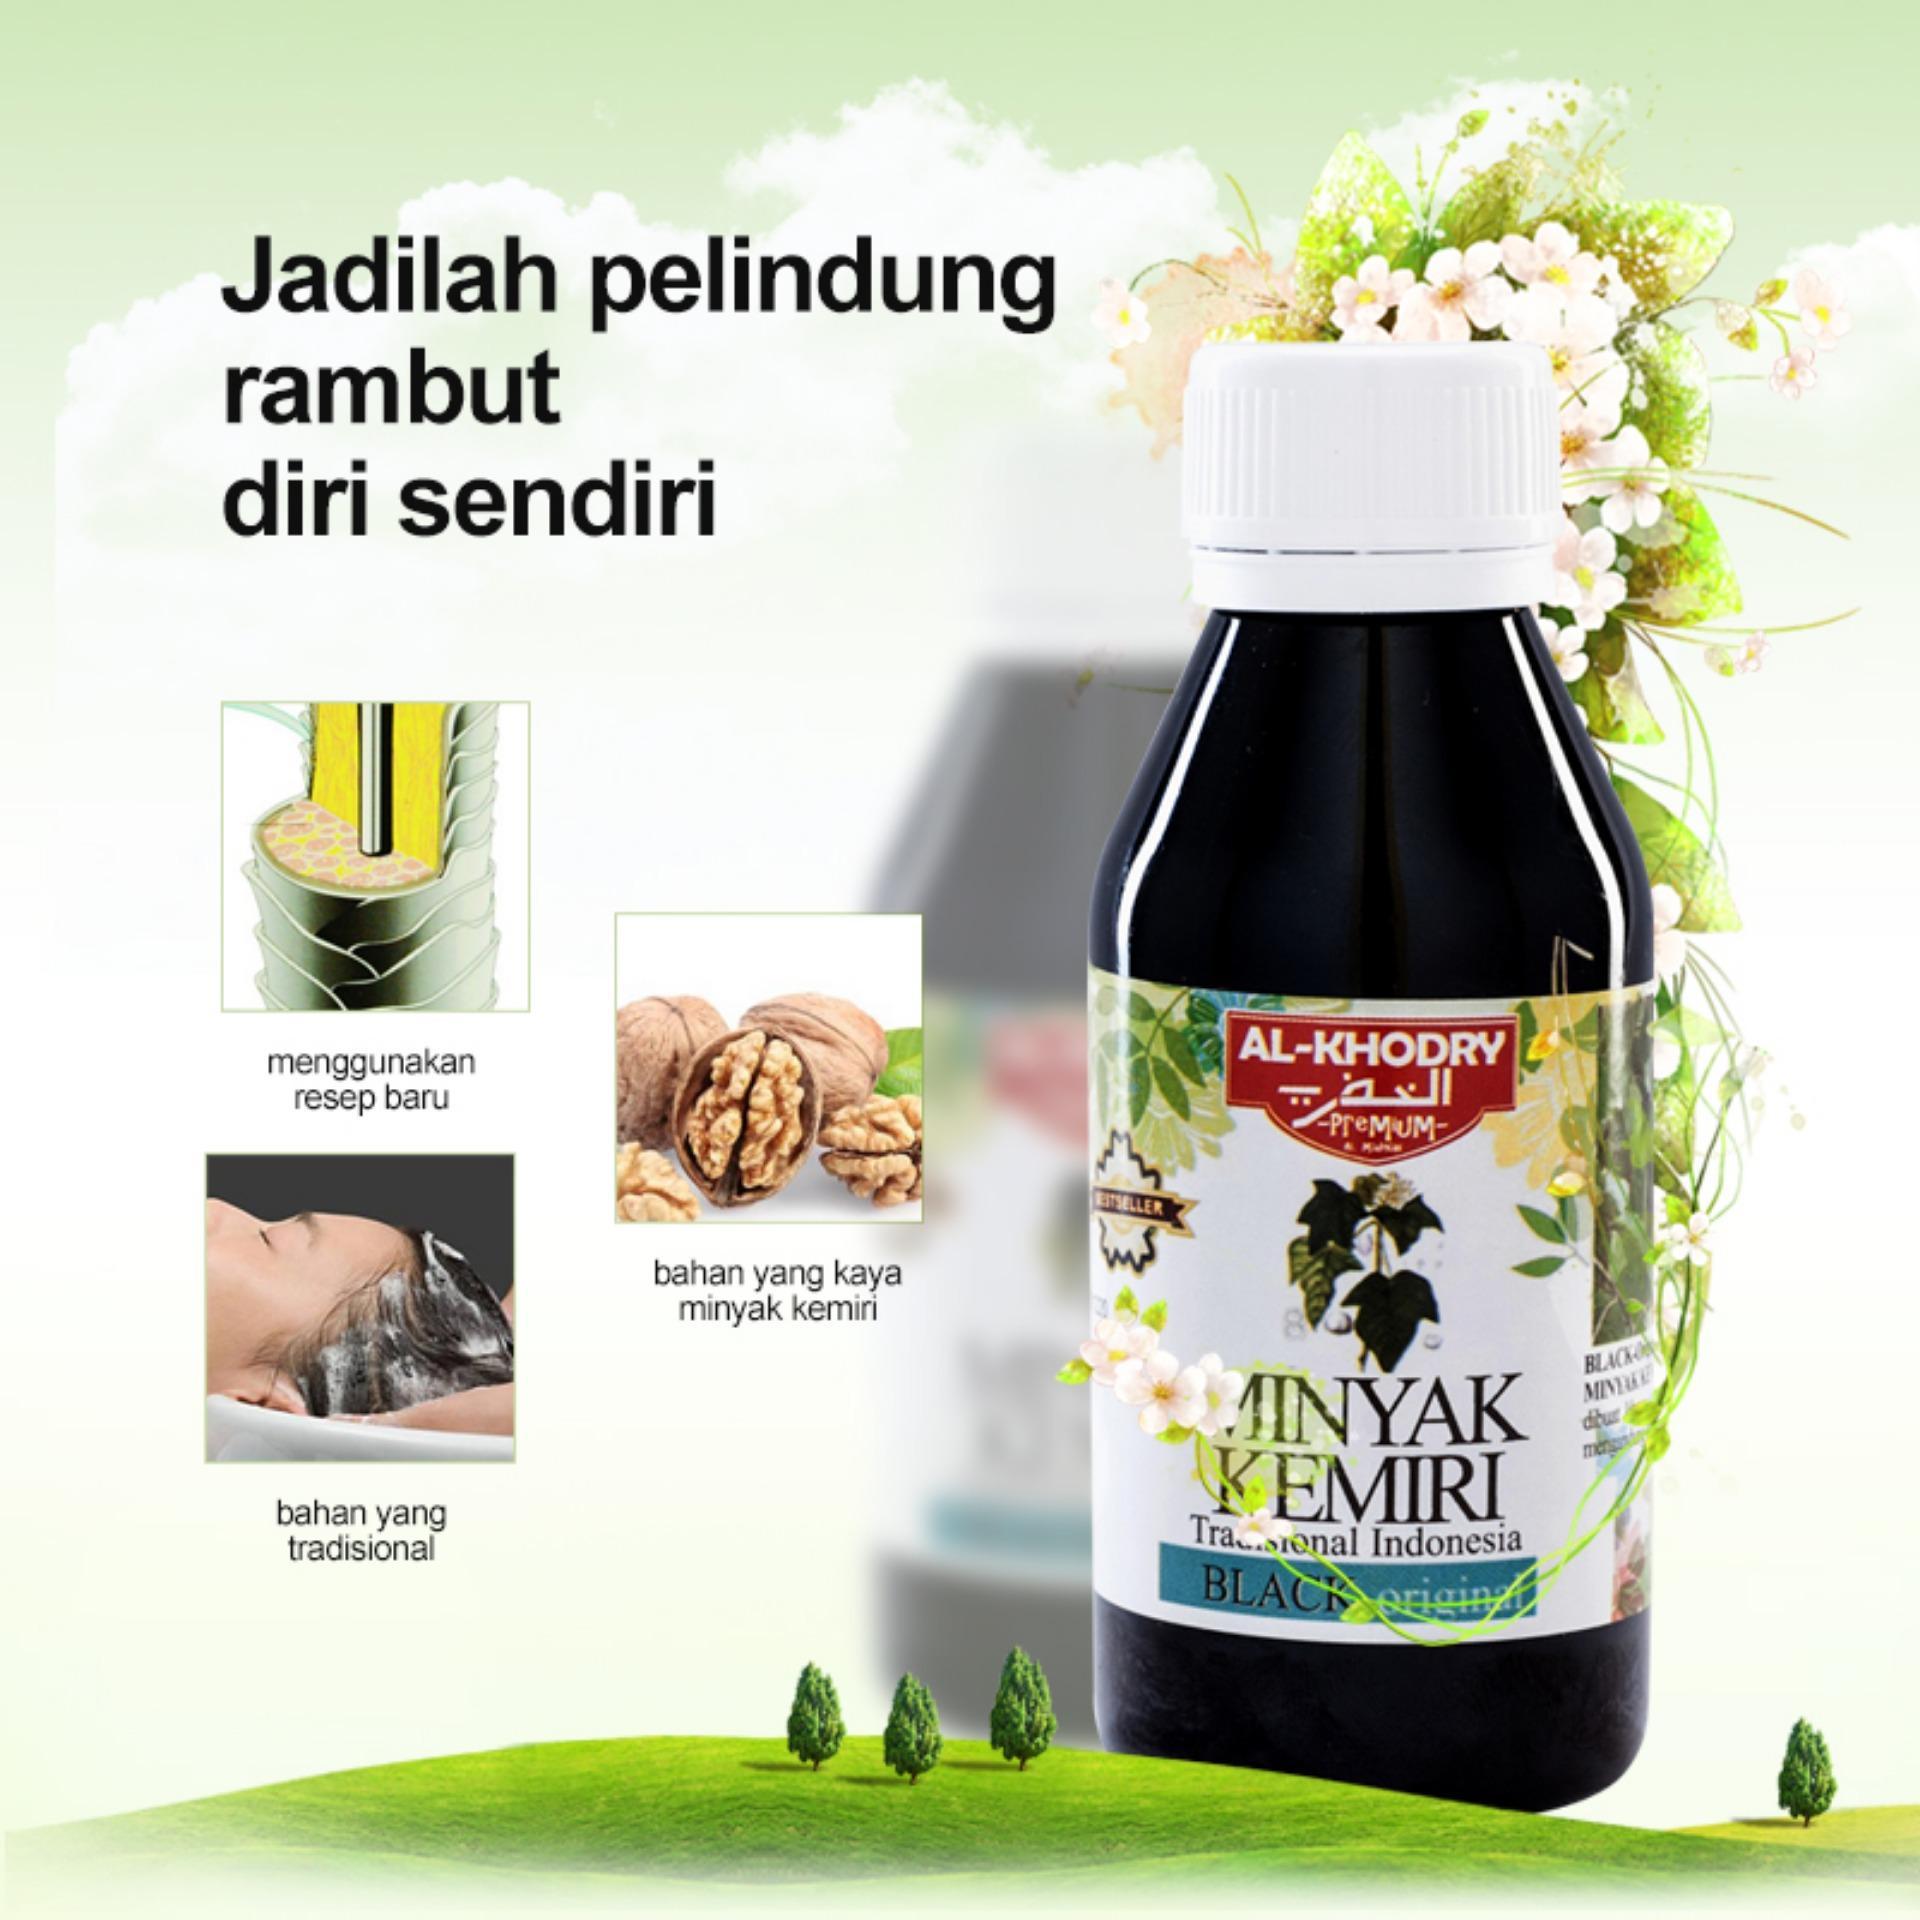 Price Checker Al Khodry Minyak Kemiri Penumbuh Rambut 125 Ml 2 Wak Doyok Sampel 125ml Original Botol